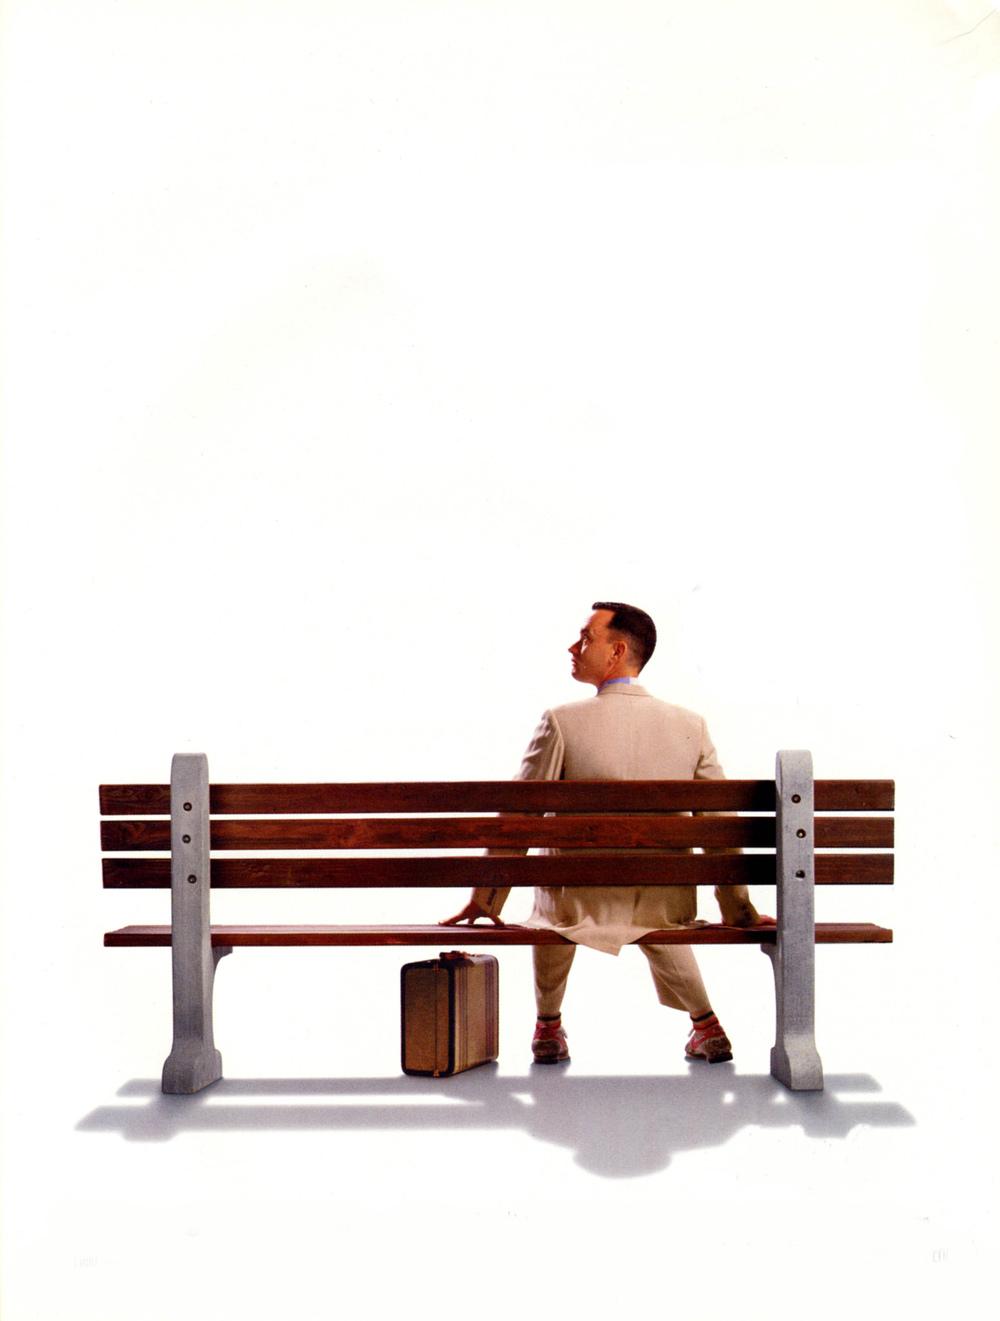 Forrest Gump (1994) - Robert Zemeckis